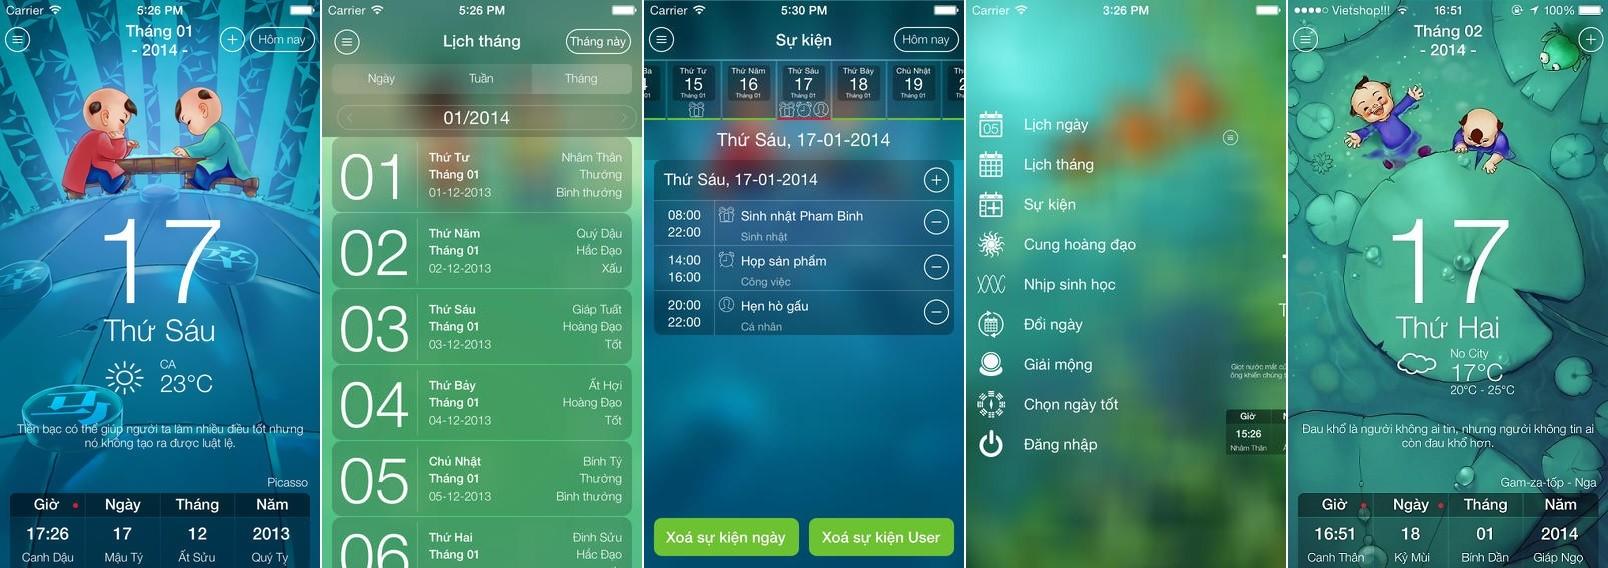 lich nhu y - Xem lịch âm trên Android với Lịch như ý